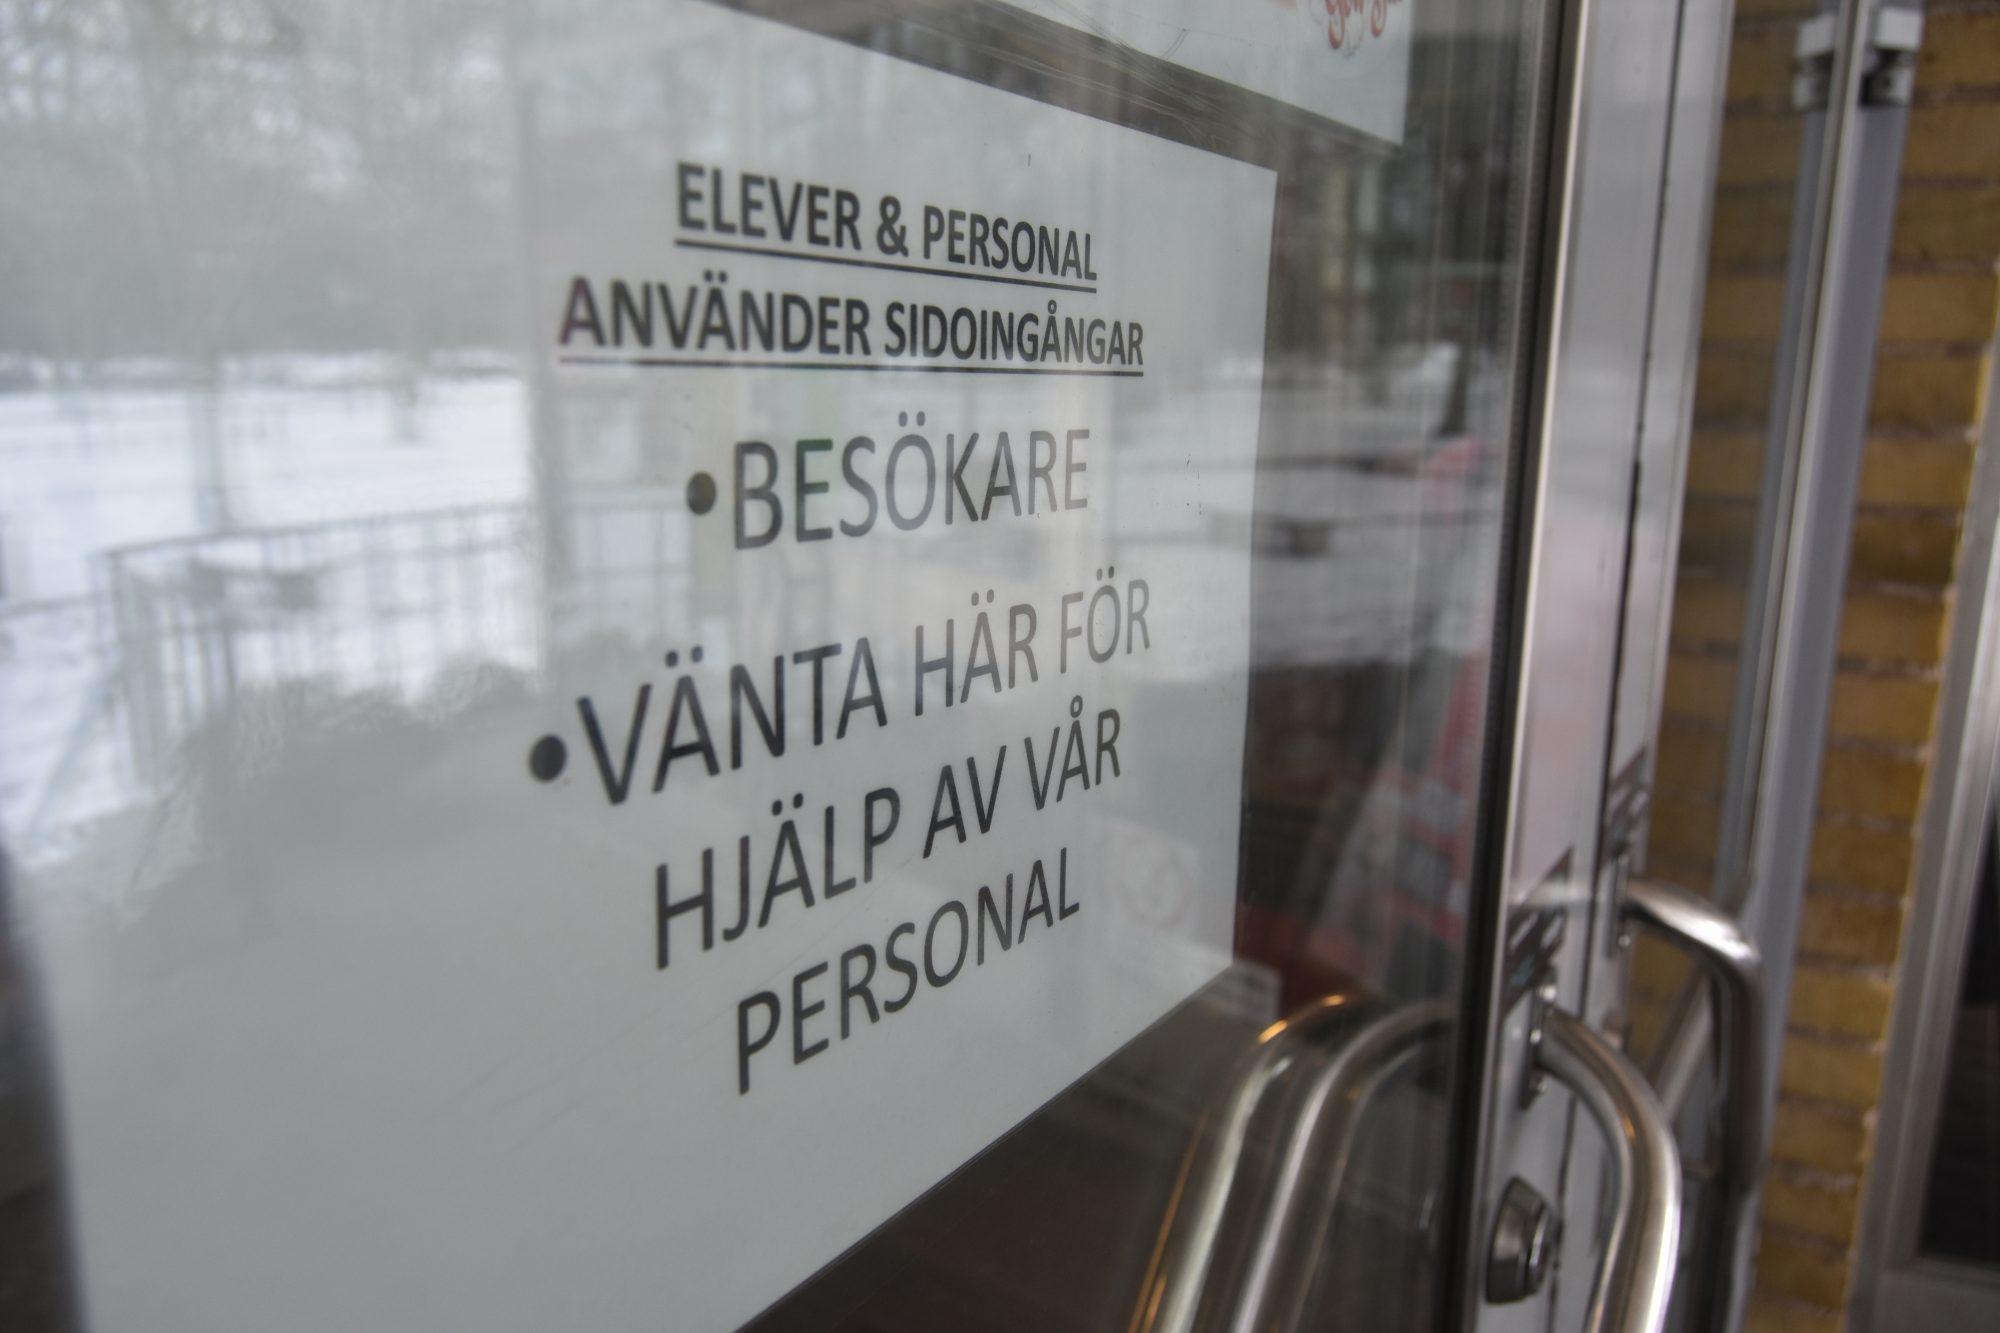 Skylt som uppmanar besökare att invänta personal. Elever och personal hänvisas till sidoingångarna.